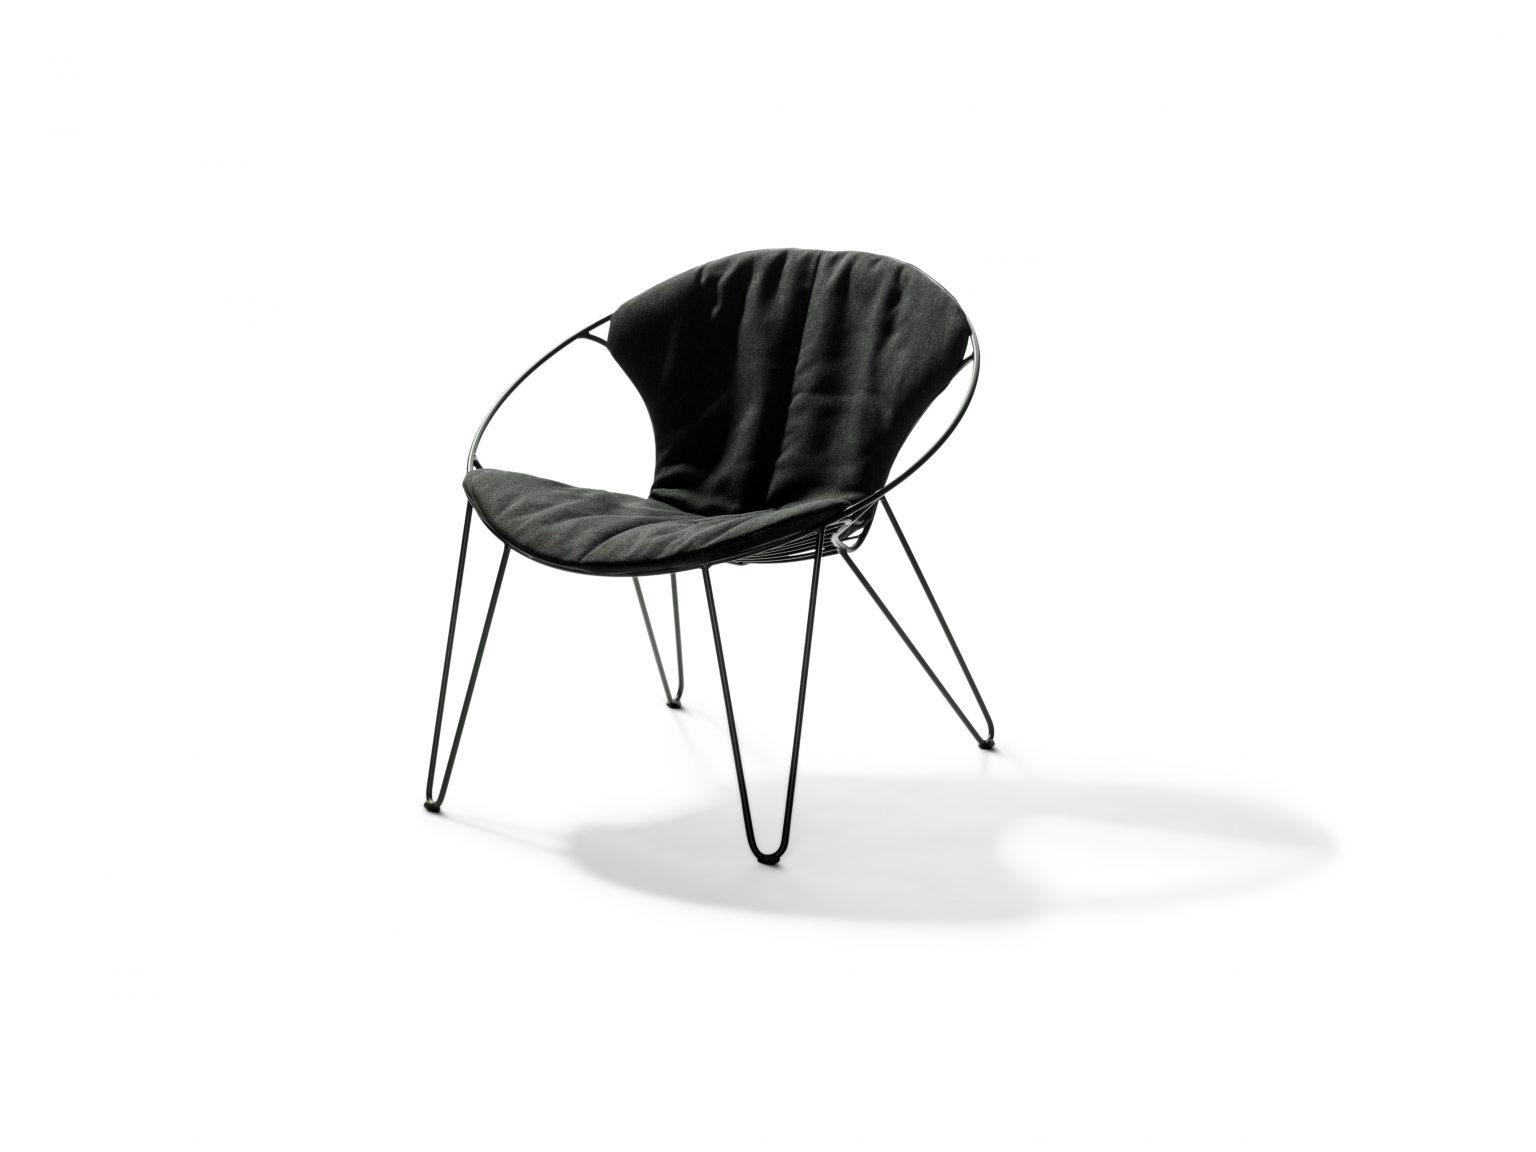 Biennale Interieur - Belgium's leading design and interior event - Joli_product_0034.jpg